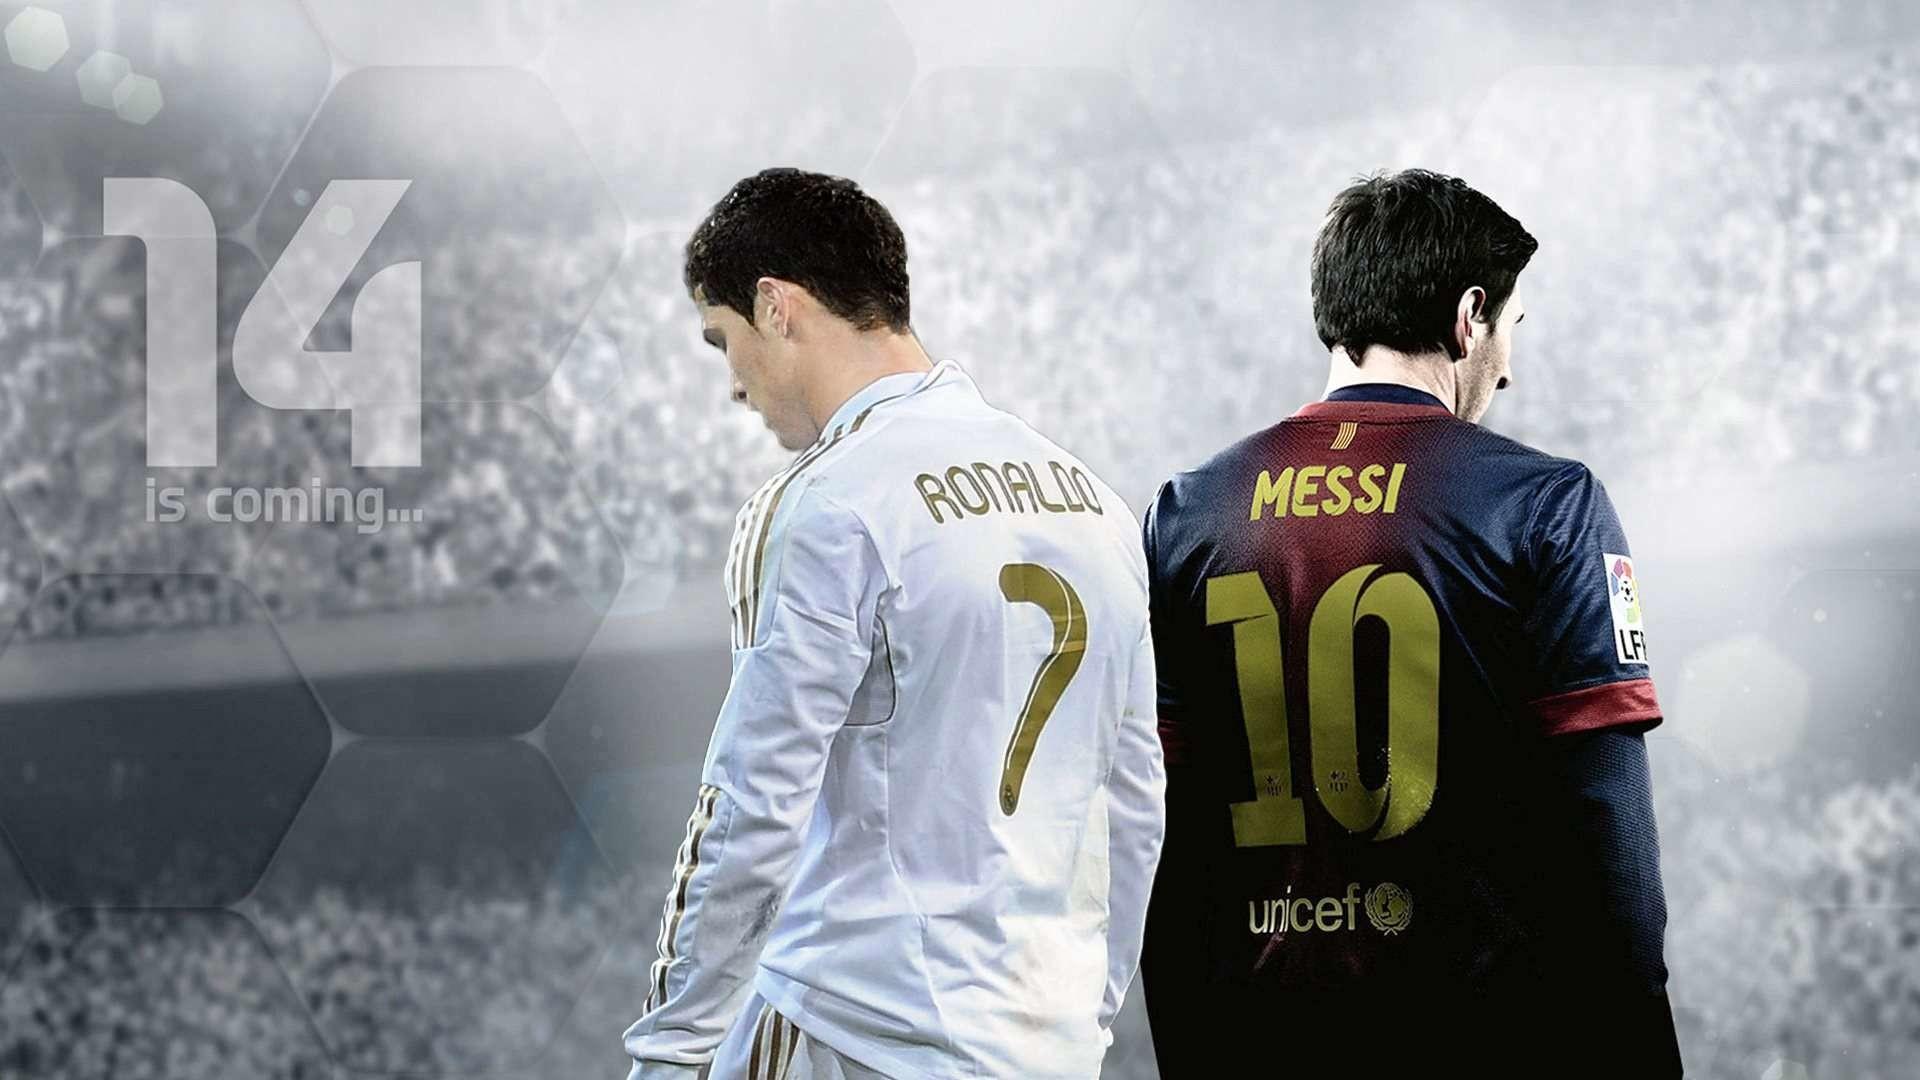 Messi VS Cristiano Ronaldo HD Wallpapers